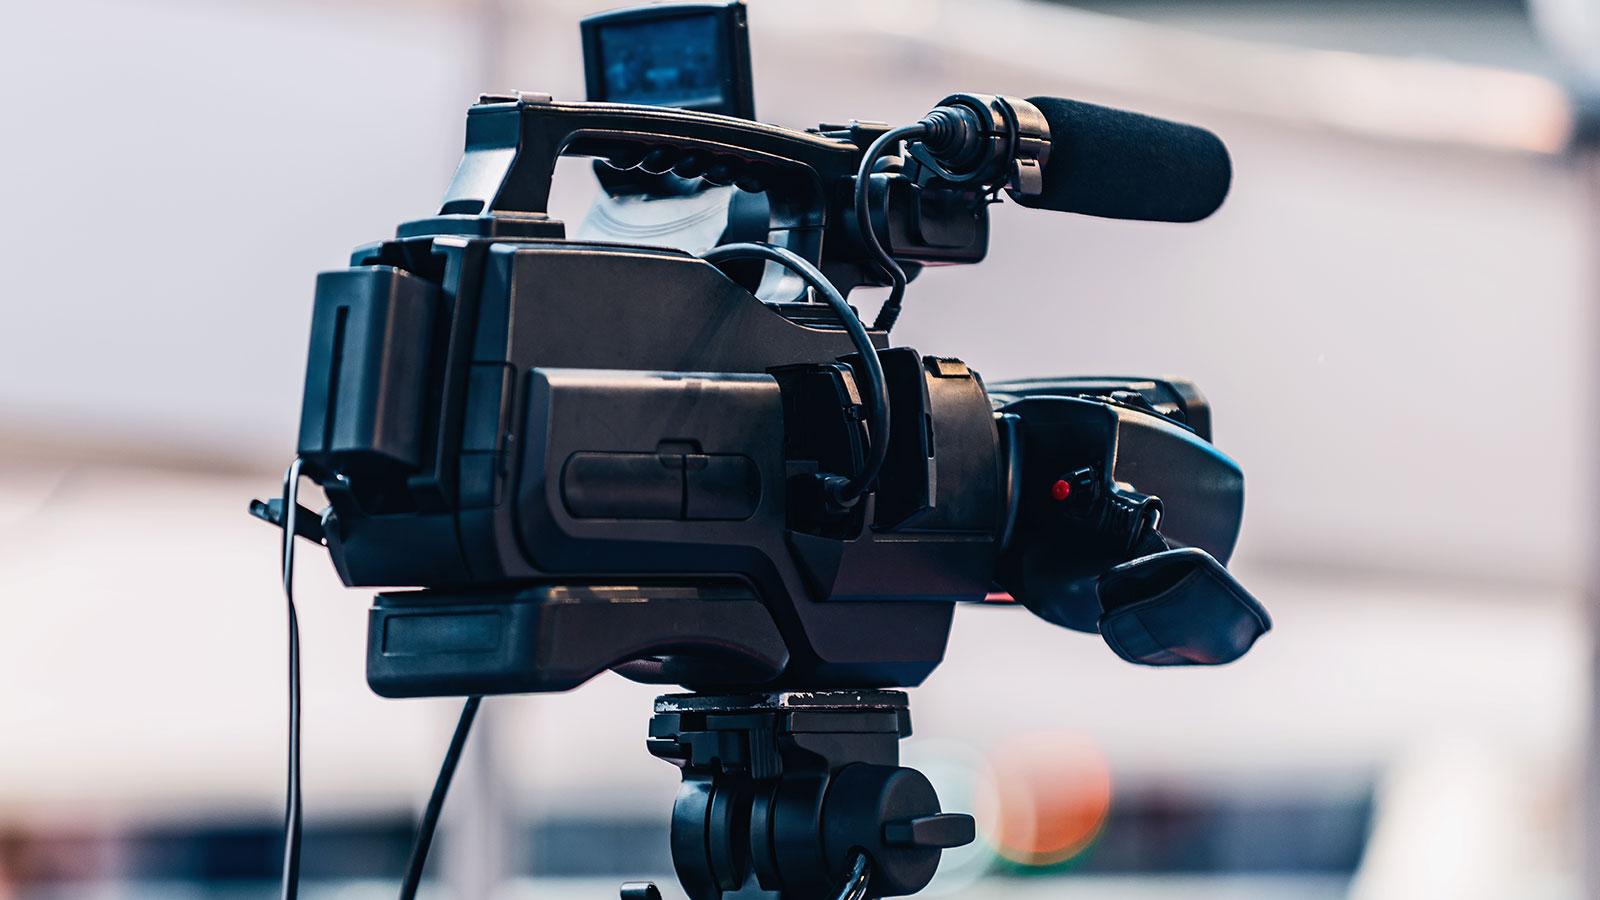 Por que devo realizar a cobertura de eventos com vídeos?